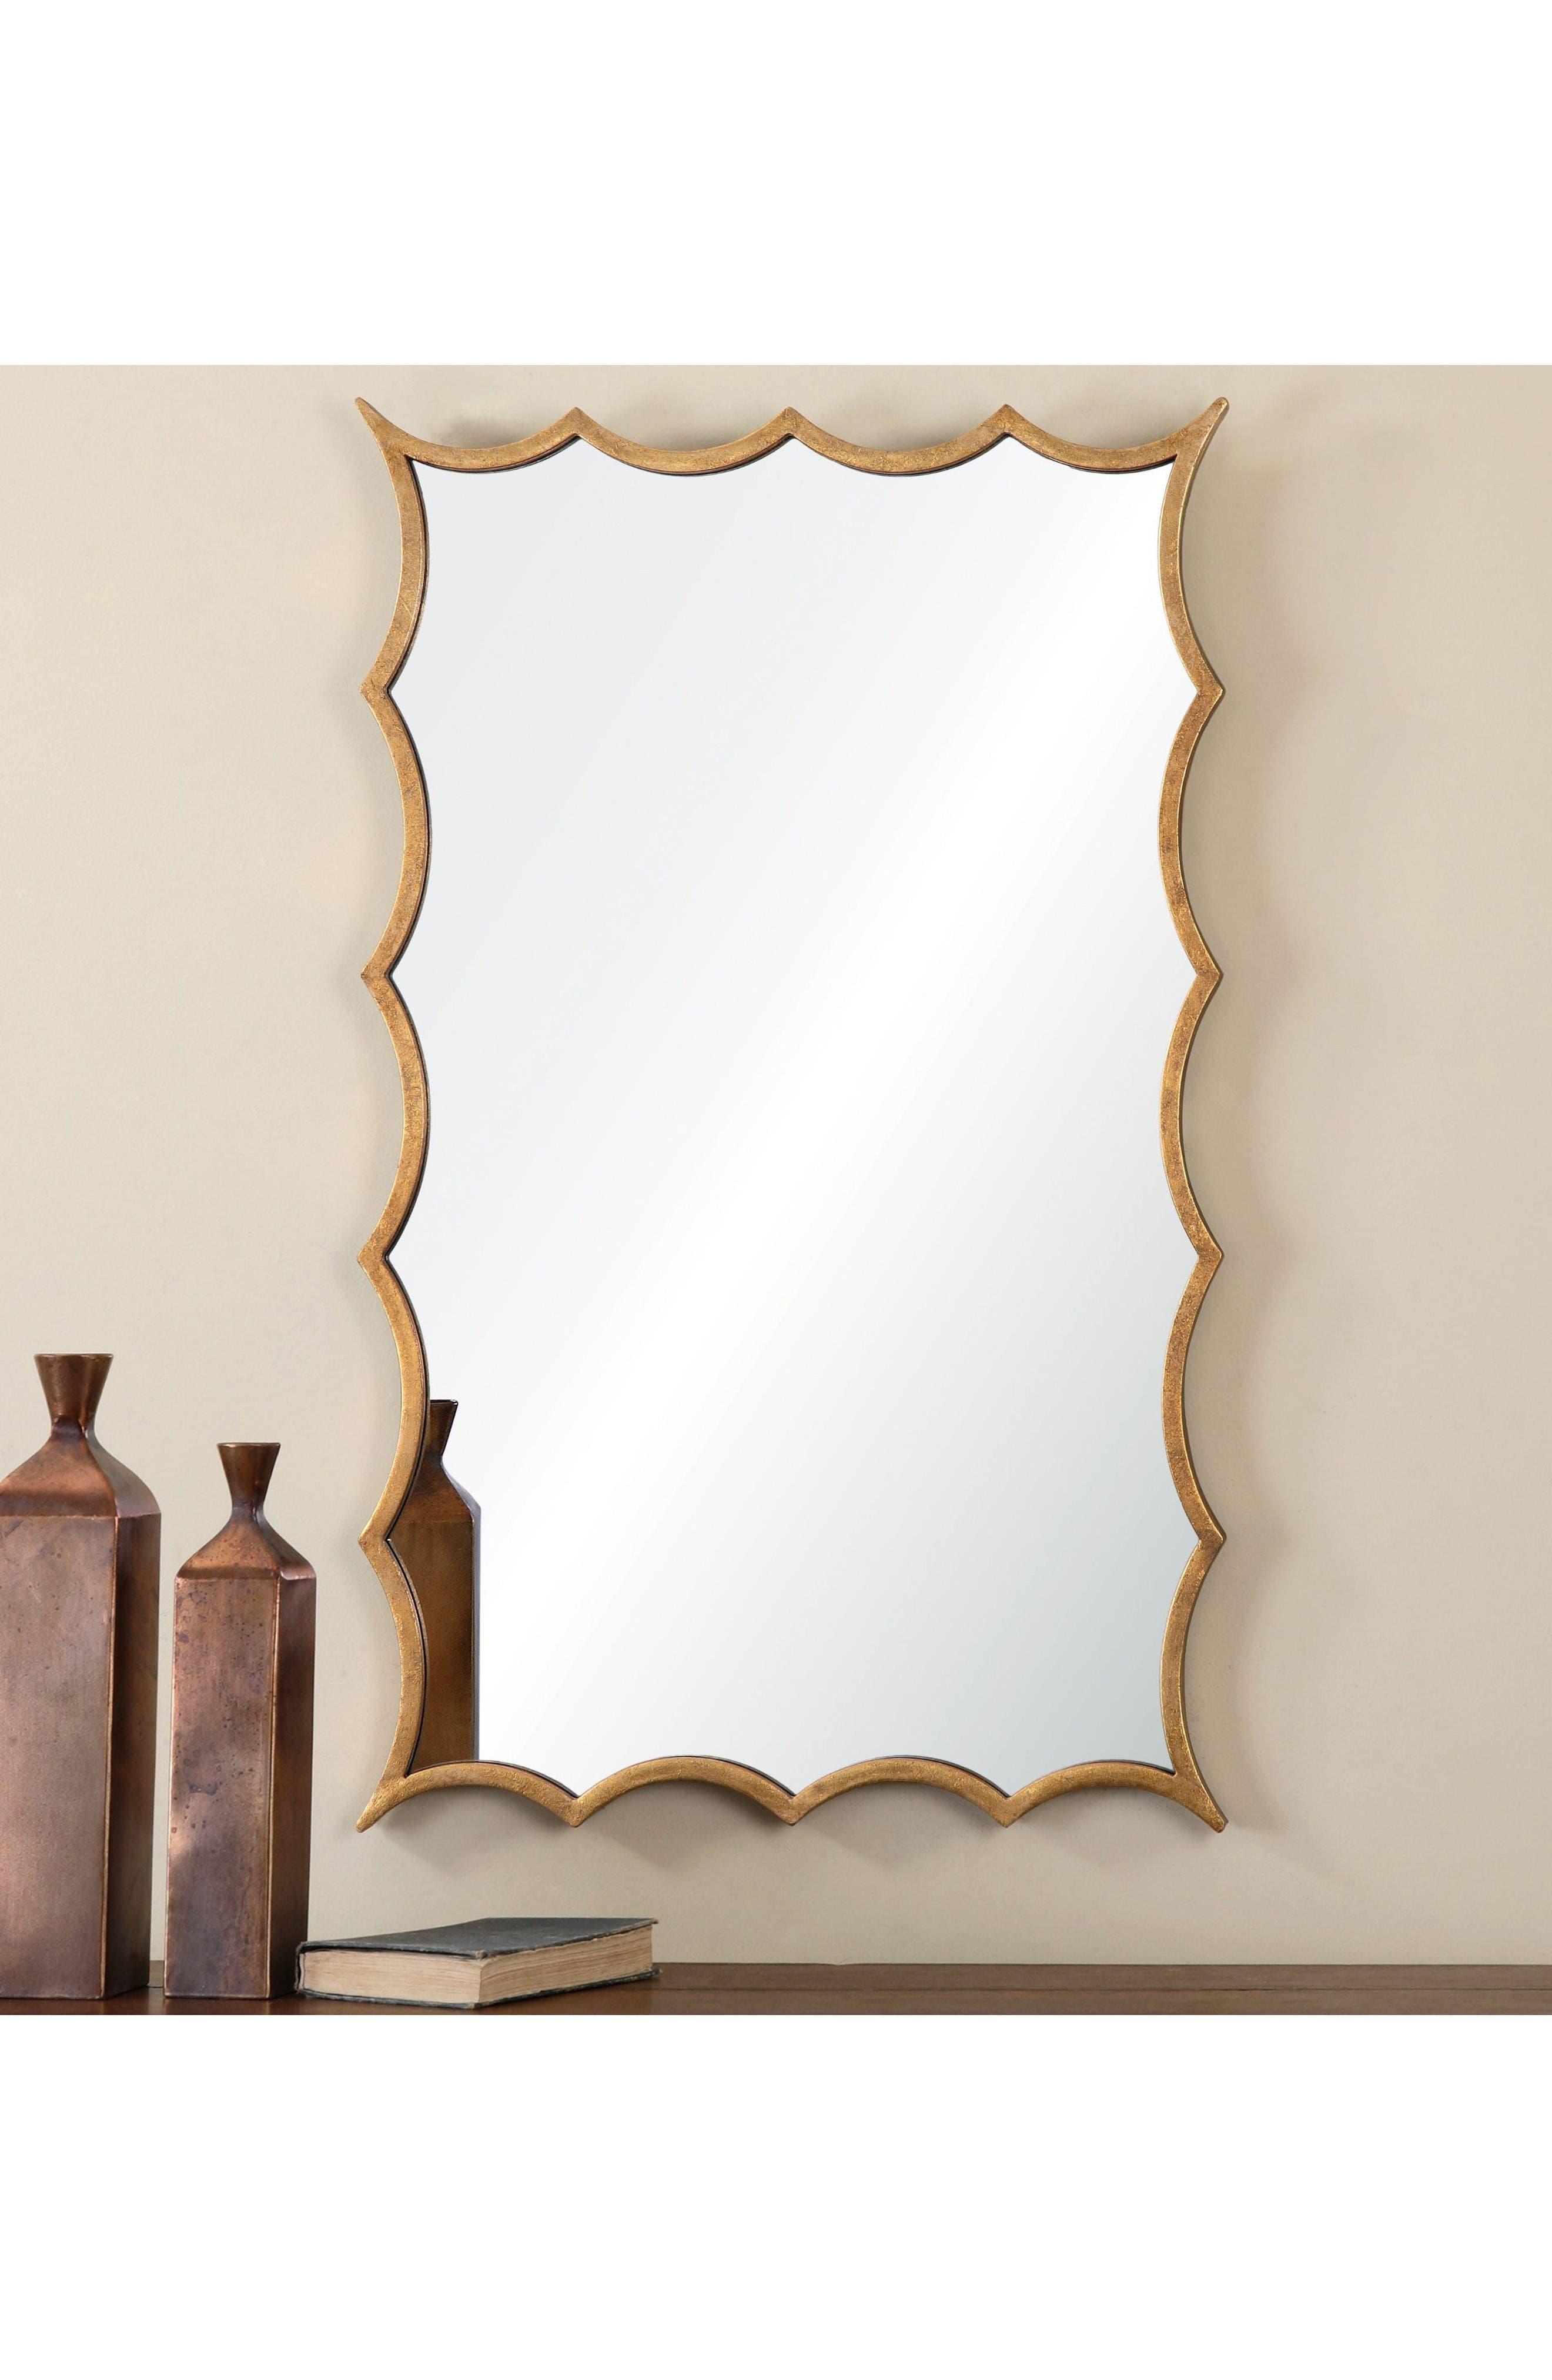 Dareios Wall Mirror,                             Alternate thumbnail 2, color,                             Metallic Gold